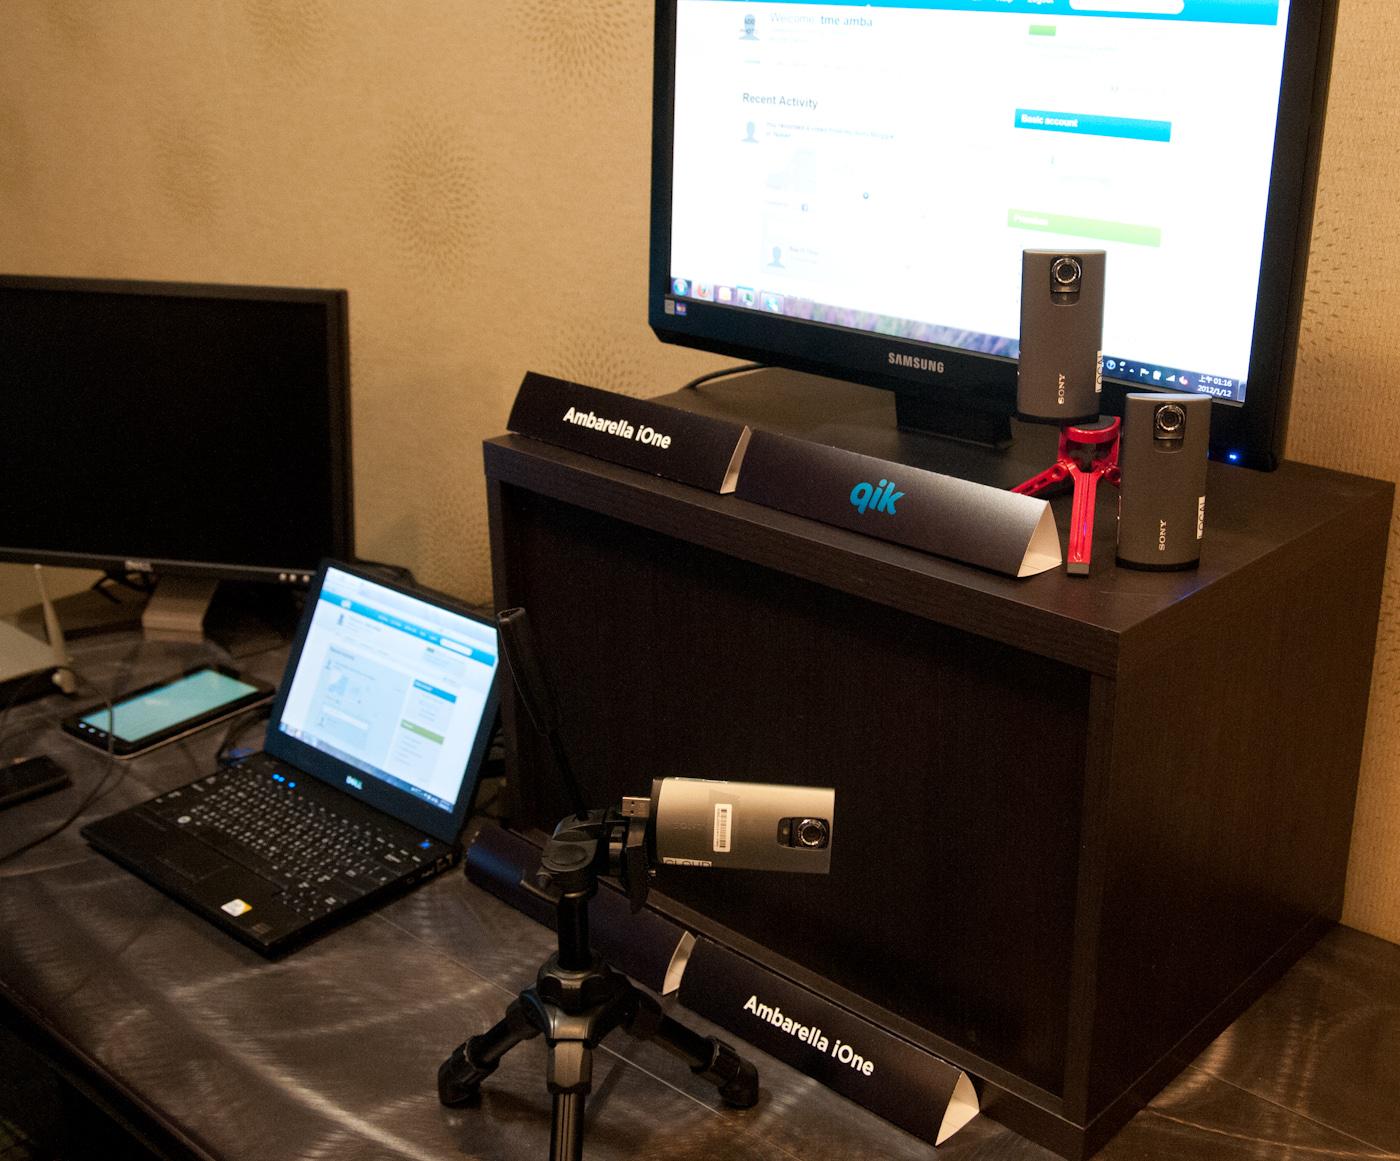 Ambarella Shows Off Ione Soc Applications Wireless Camera